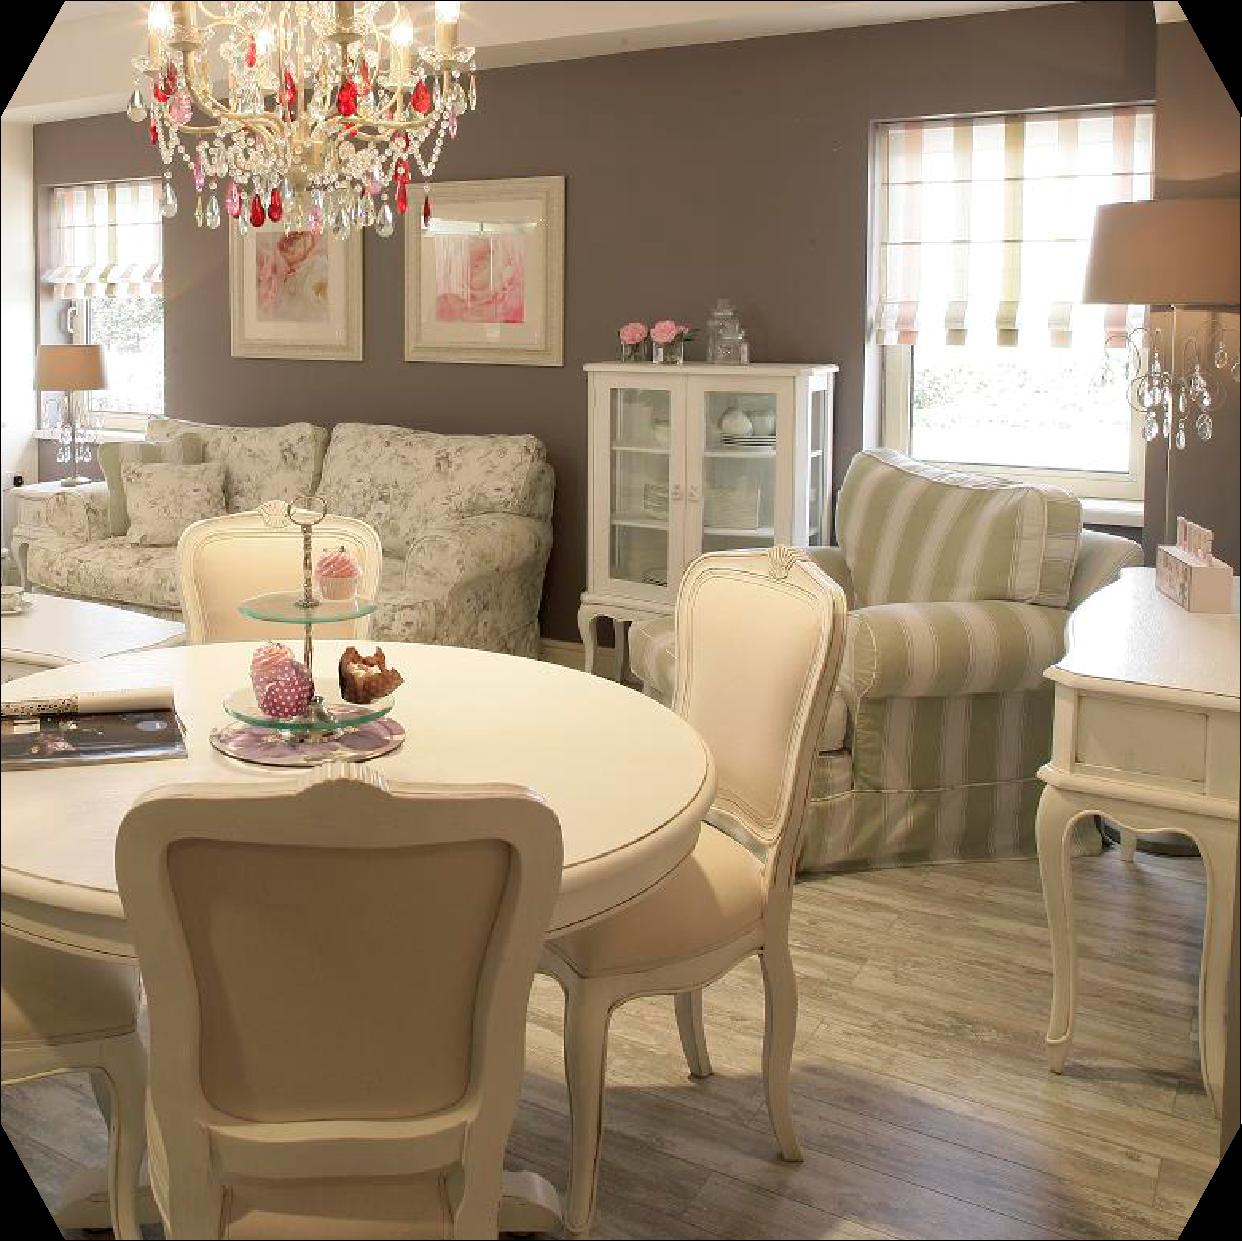 Estilo romântico: como decorar sua casa com amor